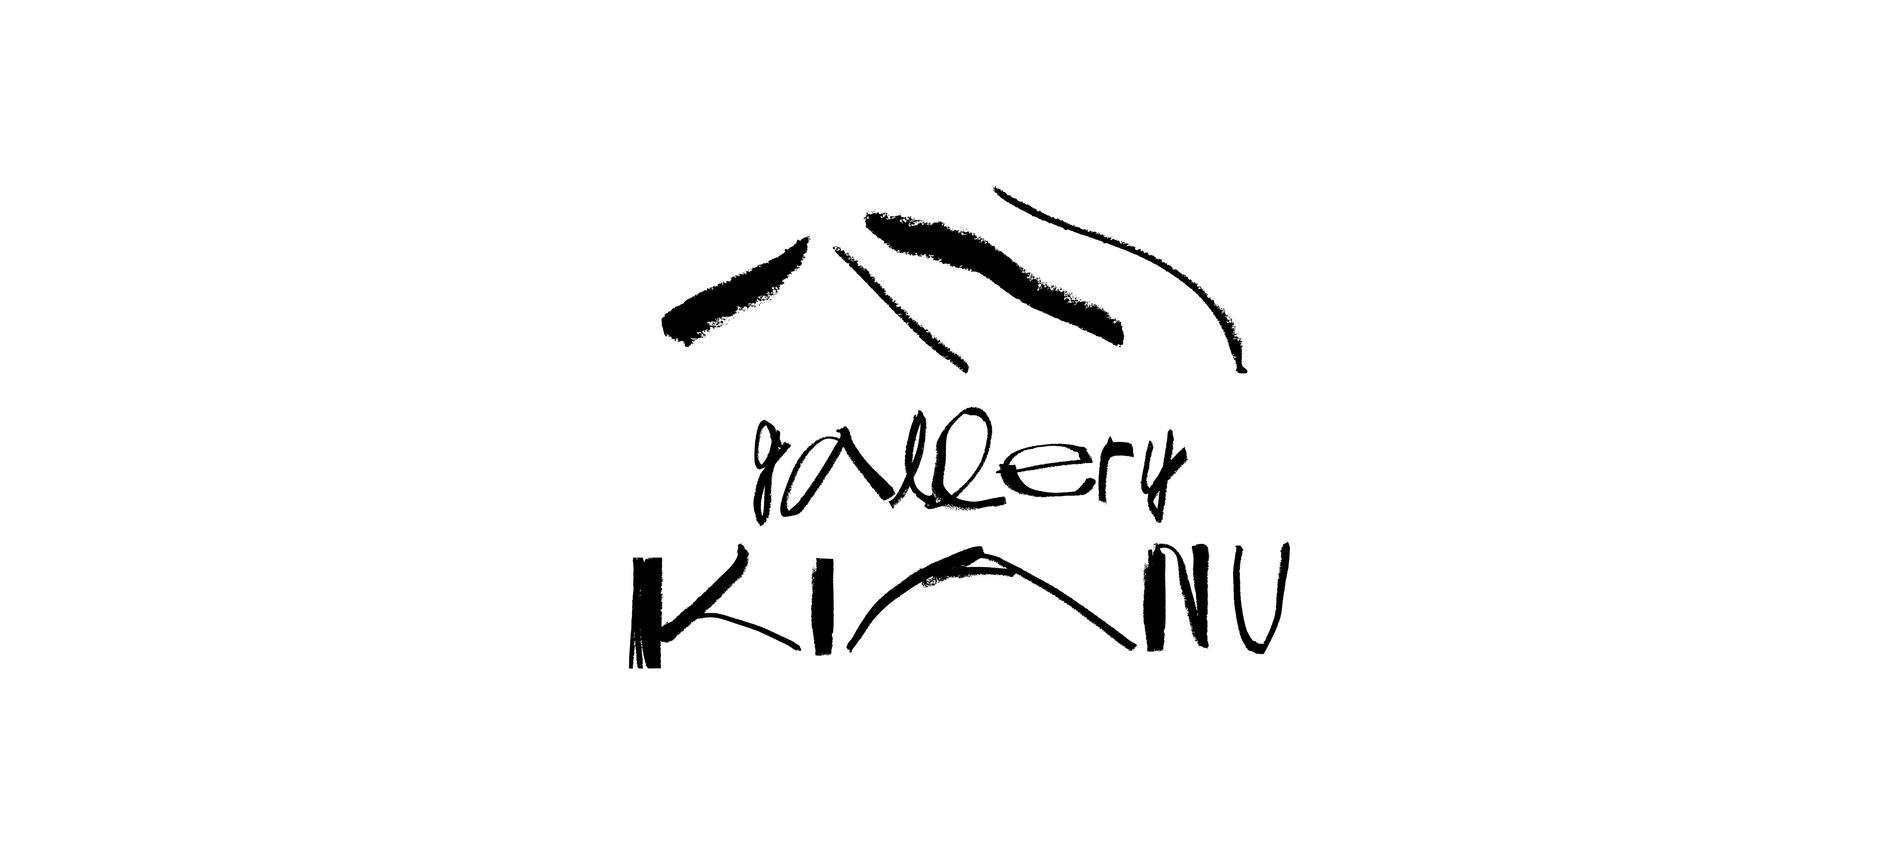 Gallery KIANU